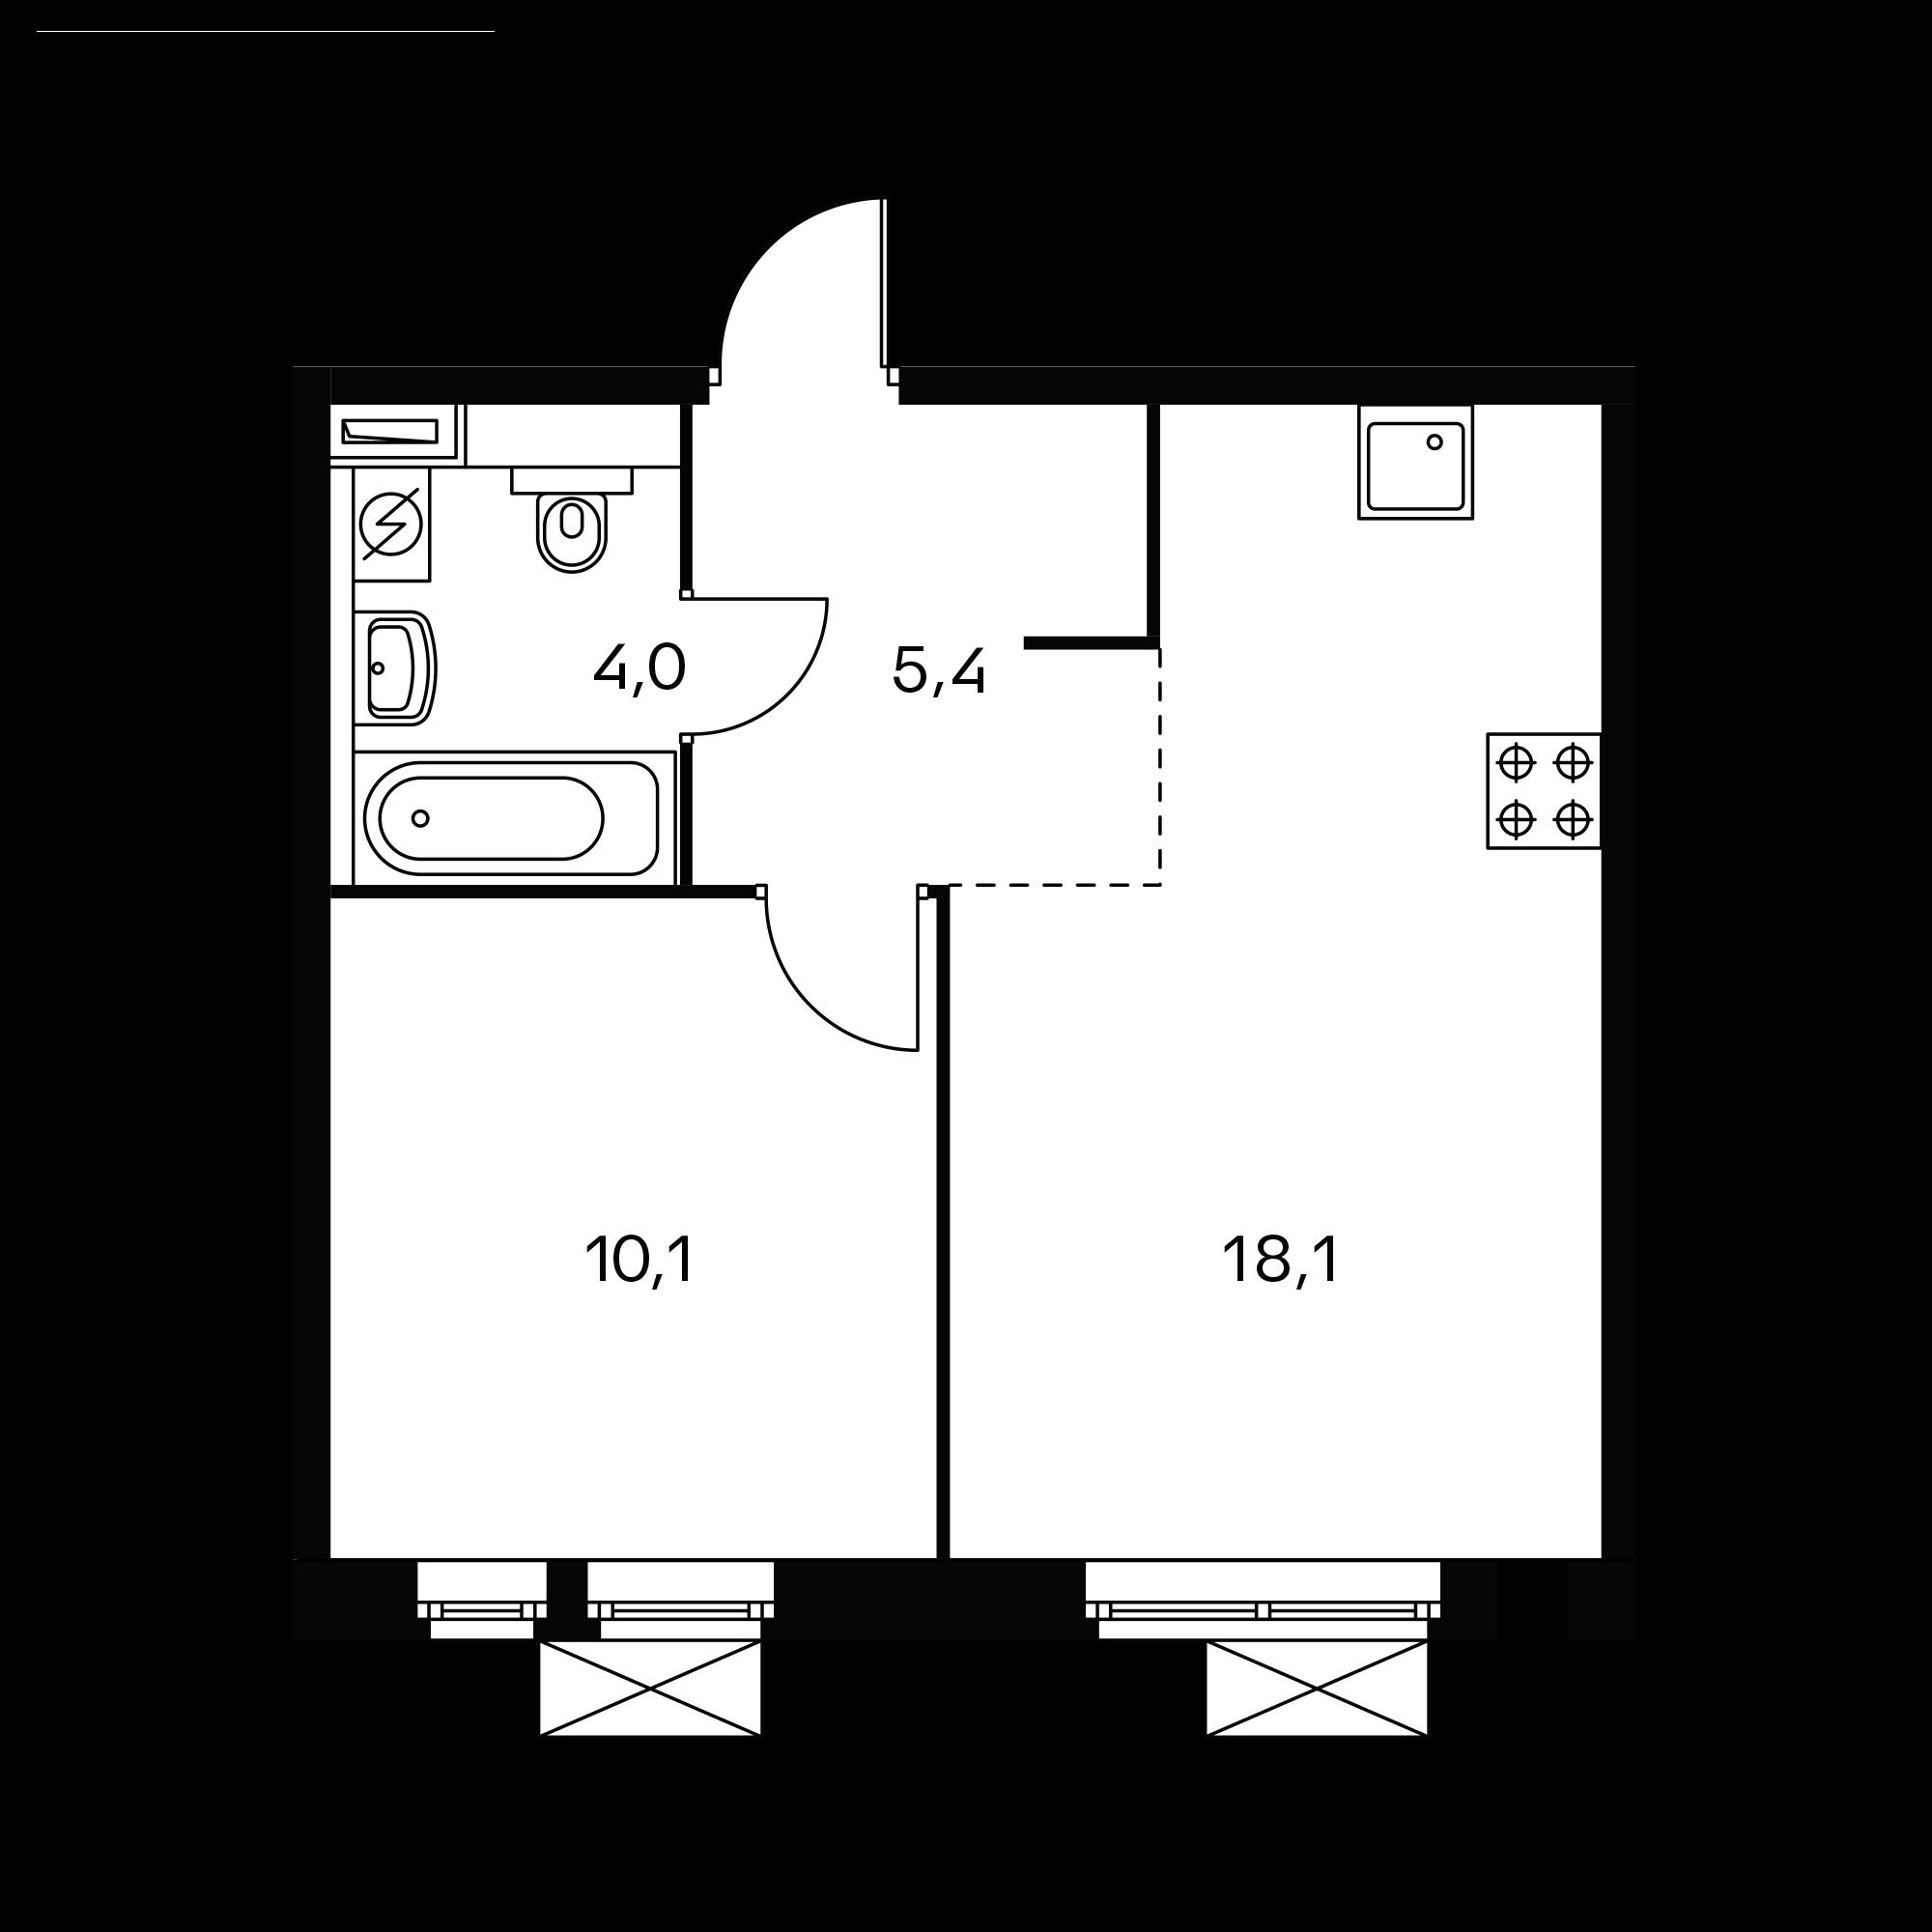 1EM3_6.9-1_S_A2